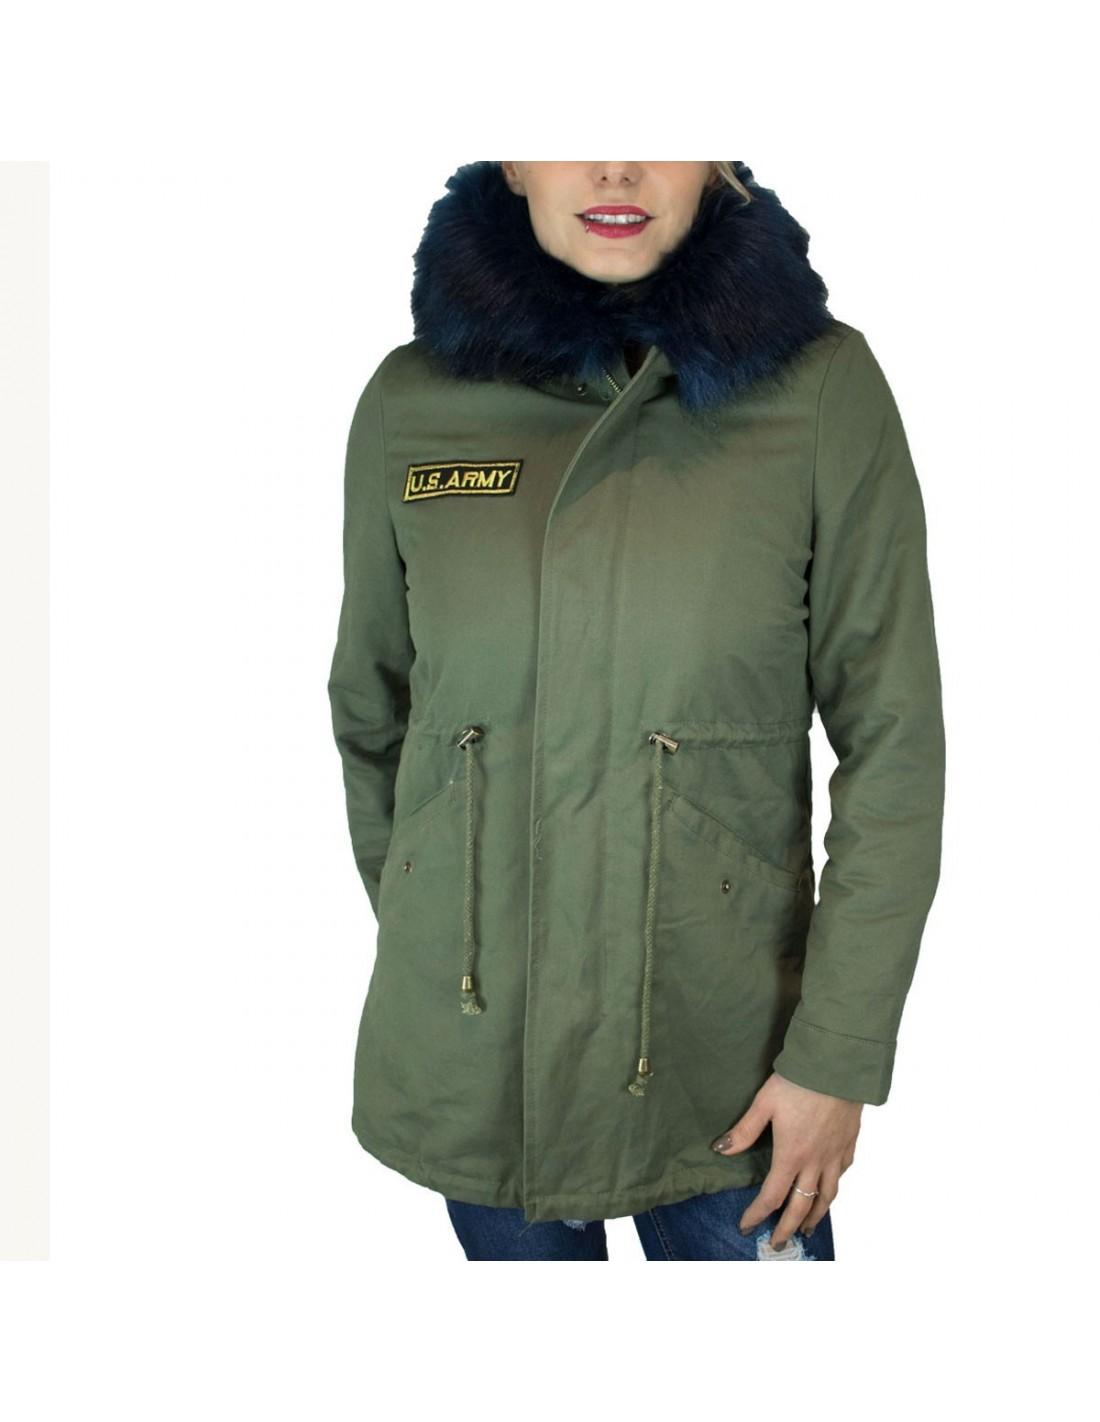 c0ad698a24 ... Manteau femme mi-long kaki intérieur fourré avec capuche fourrure  synthétique bleu marine ...